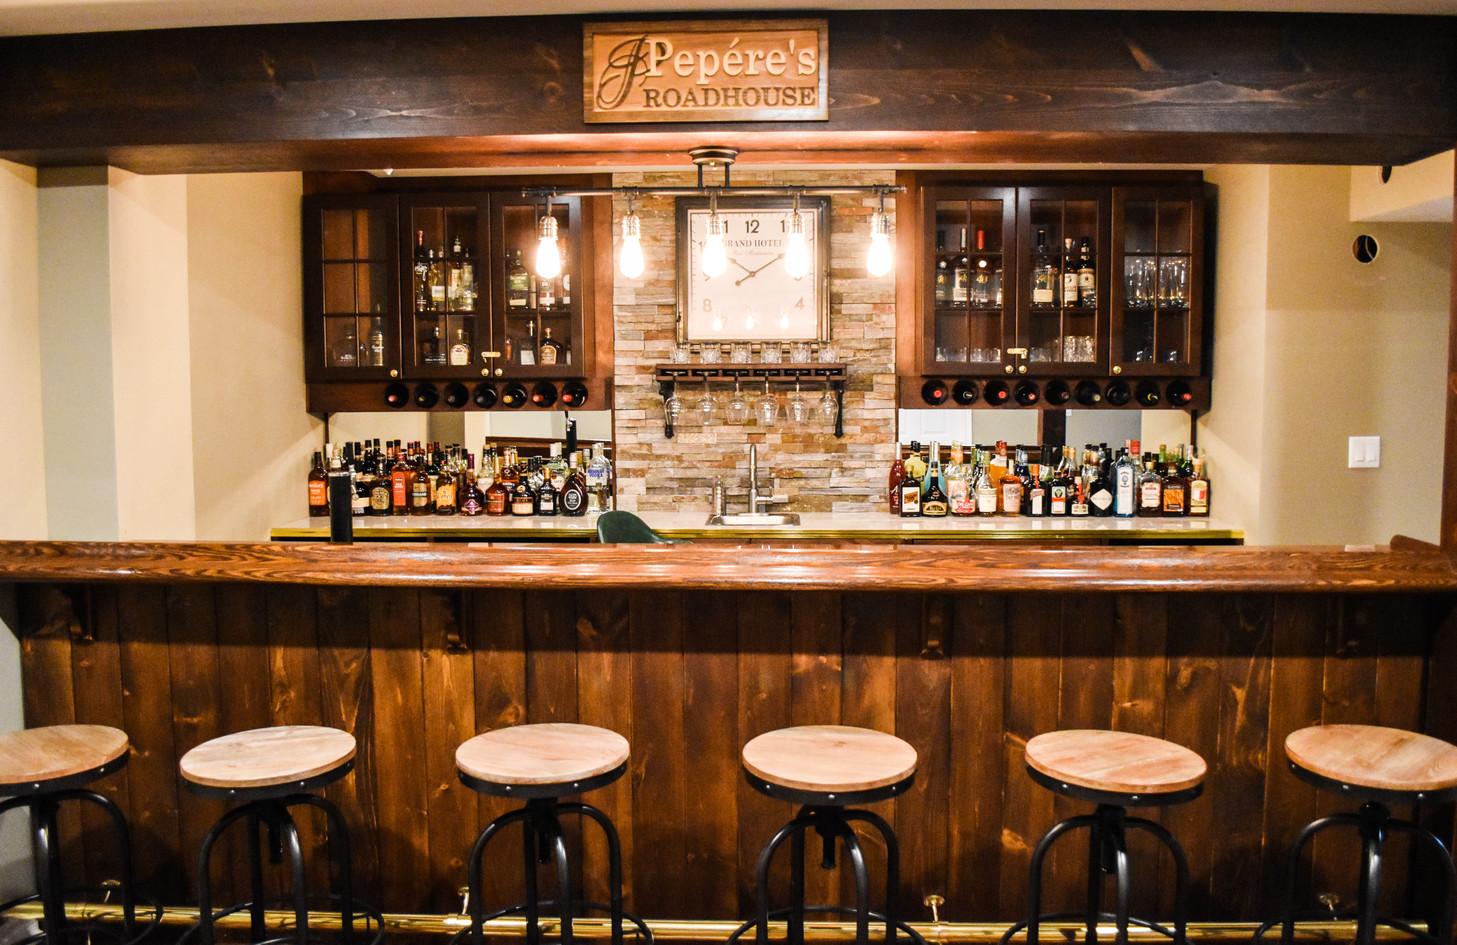 Old-fashioned bar